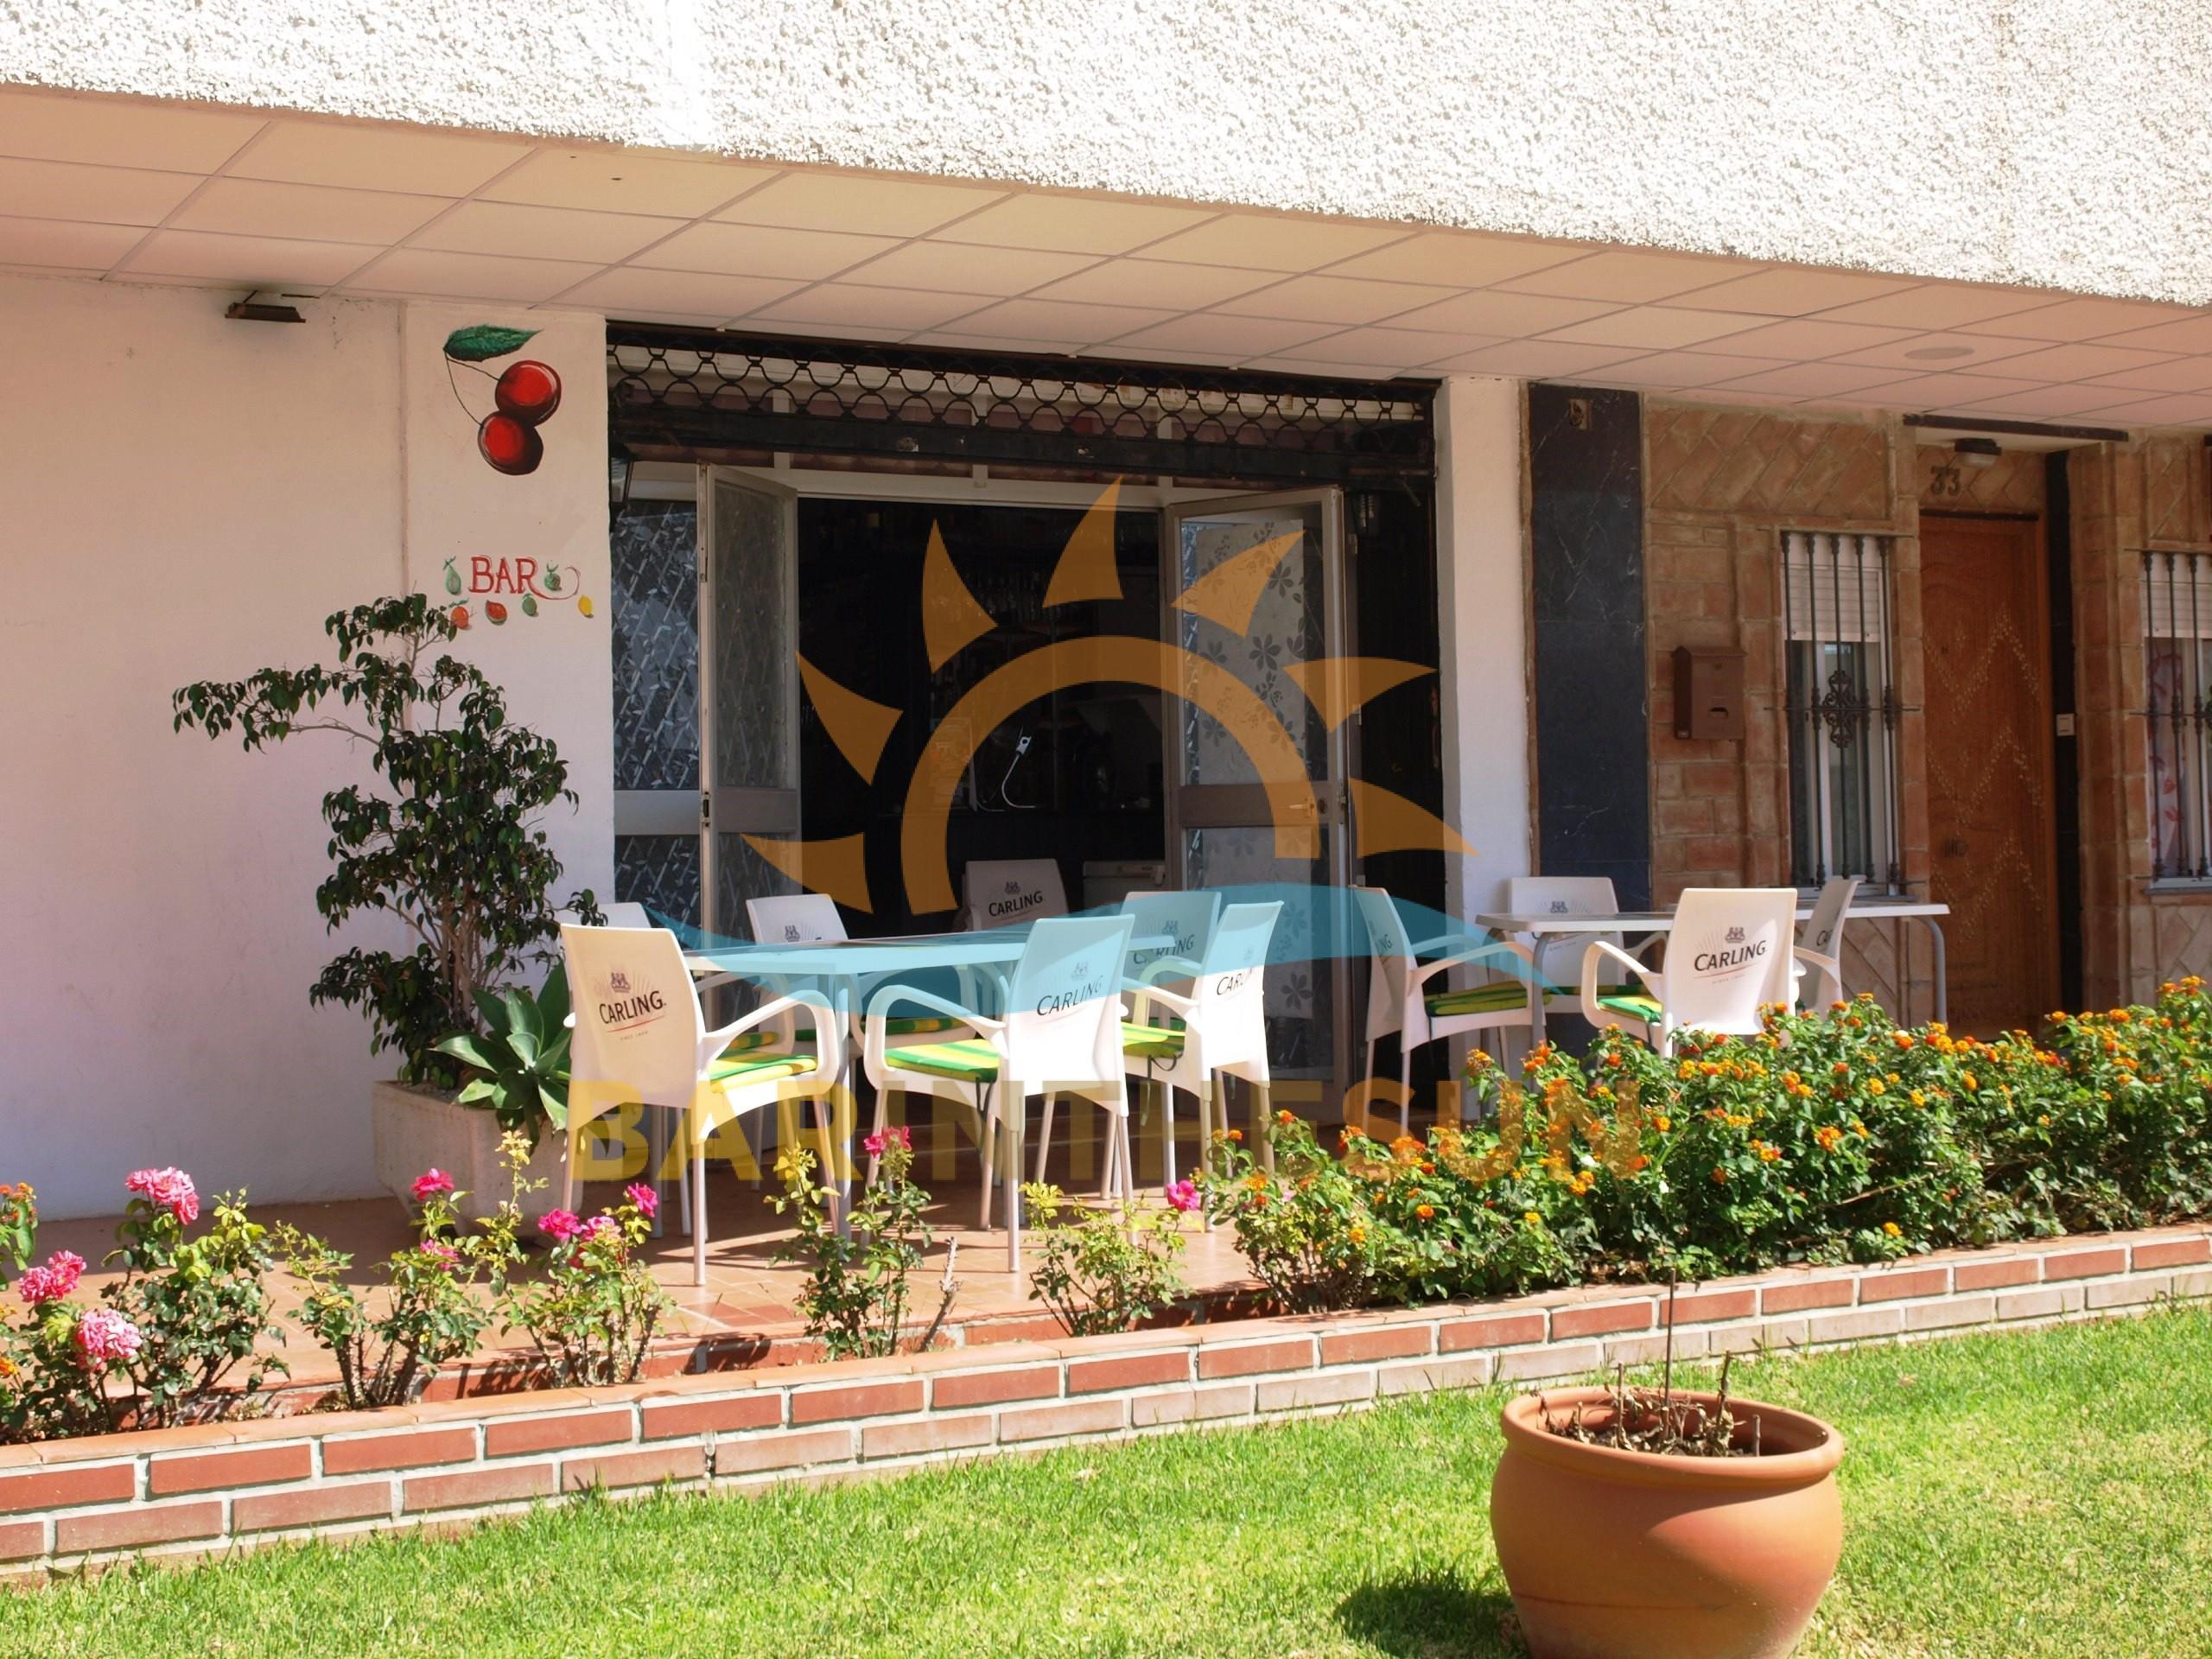 Drinks Bars For Sale in Benalmadena on The Costa del Sol in Spain